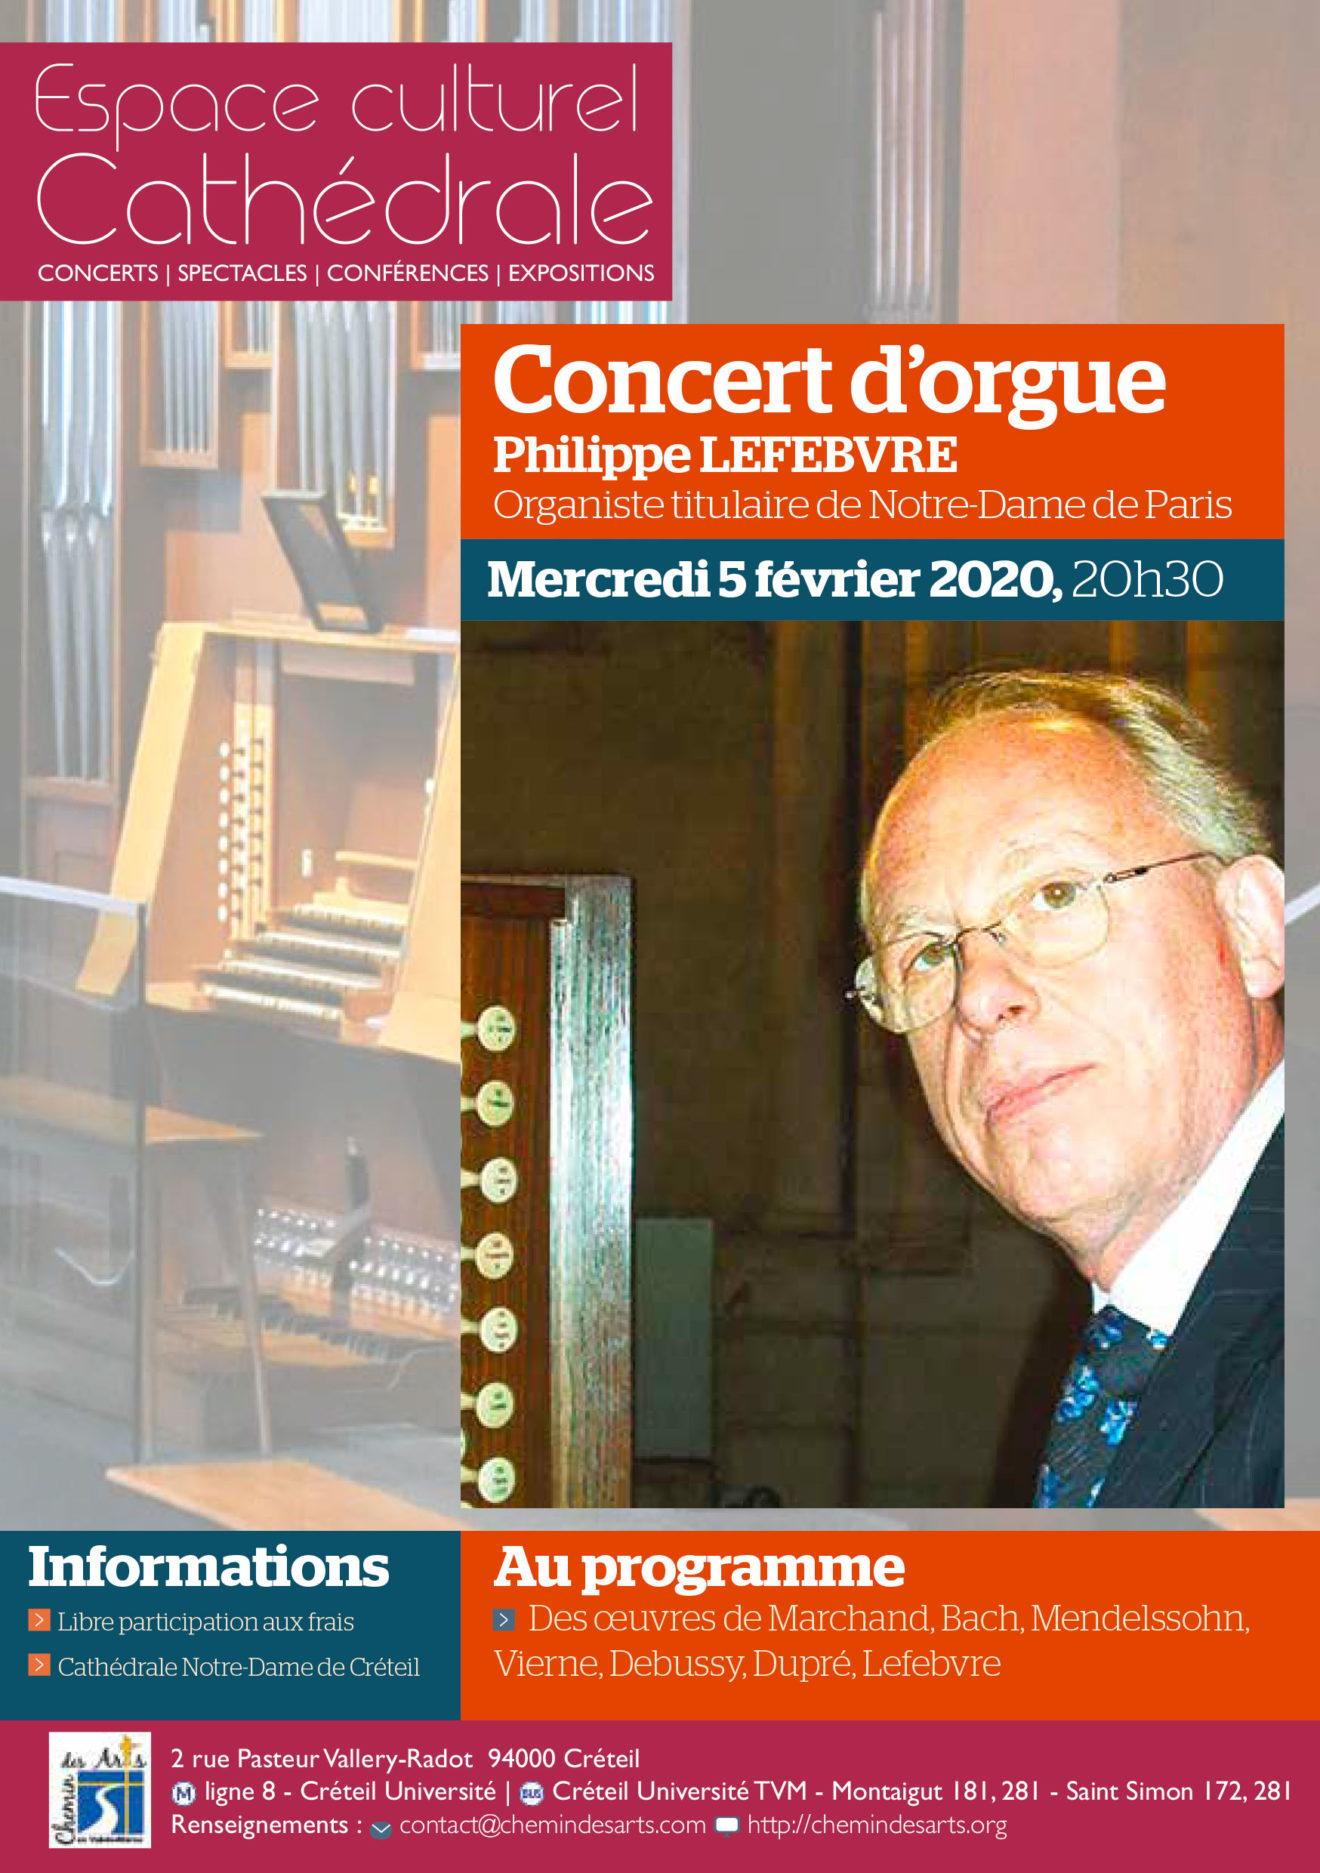 Concert d'orgue. Philippe Lefebvre, organiste titulaire de Notre -Dame de Paris